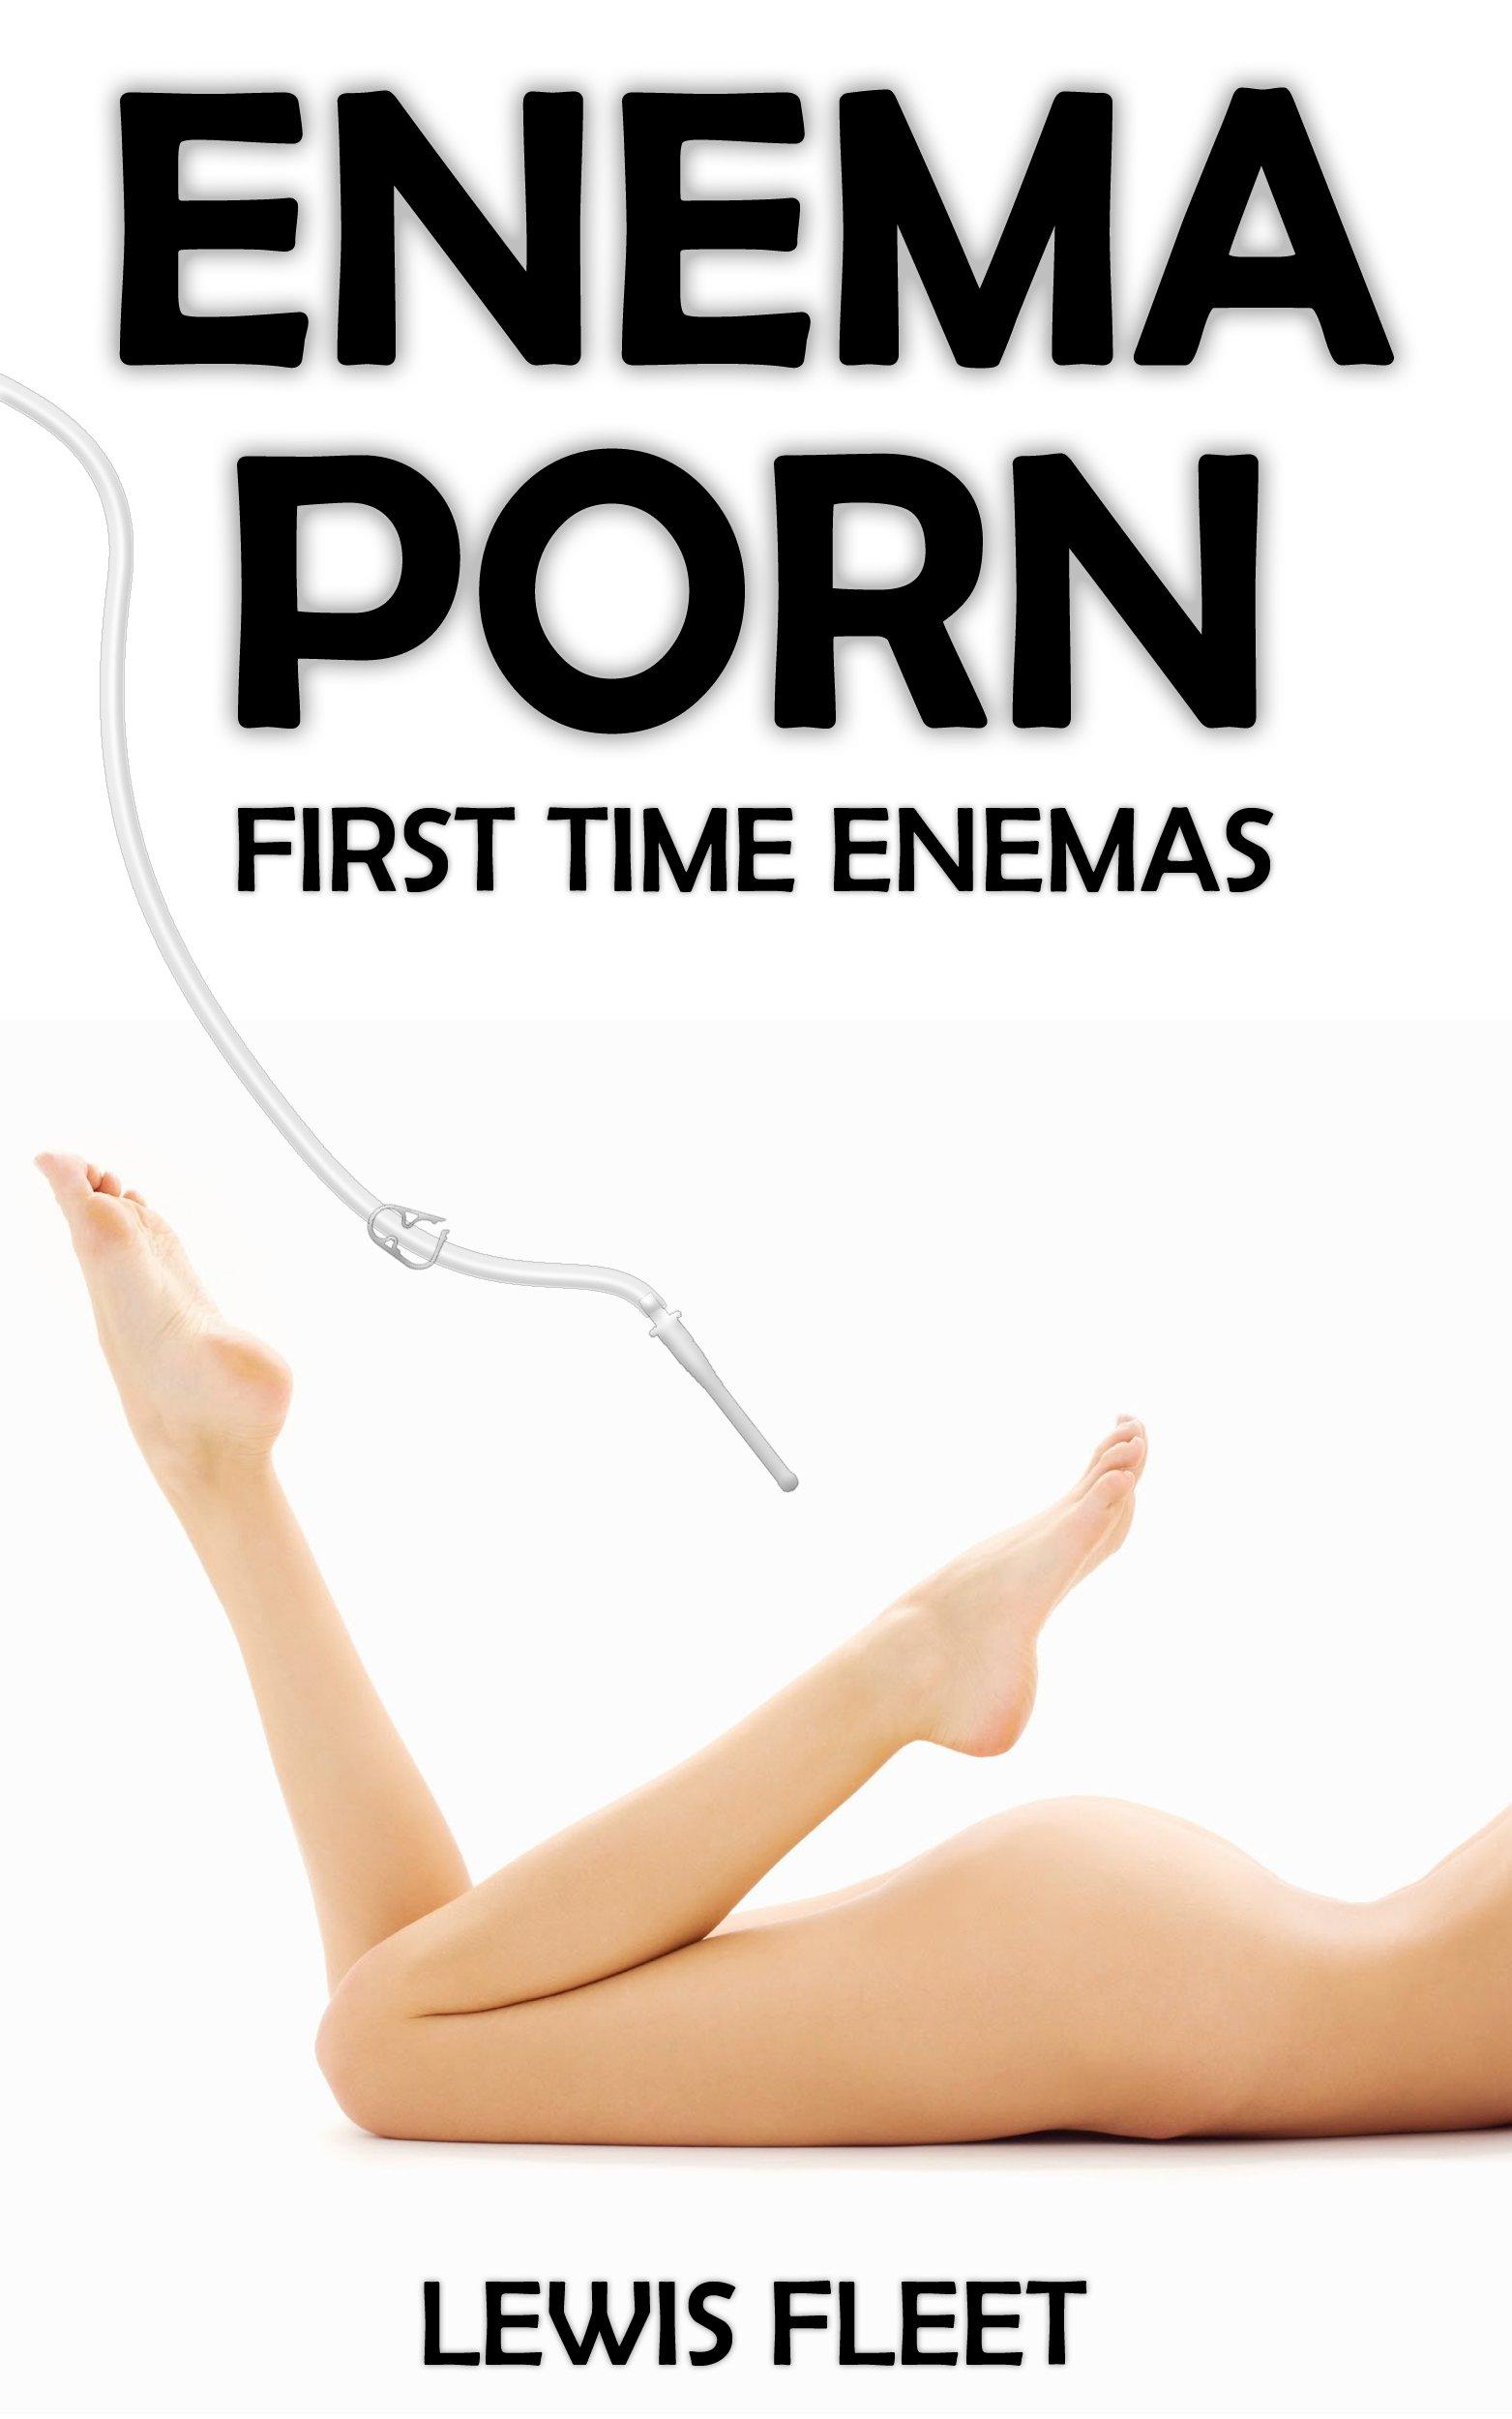 enema porn